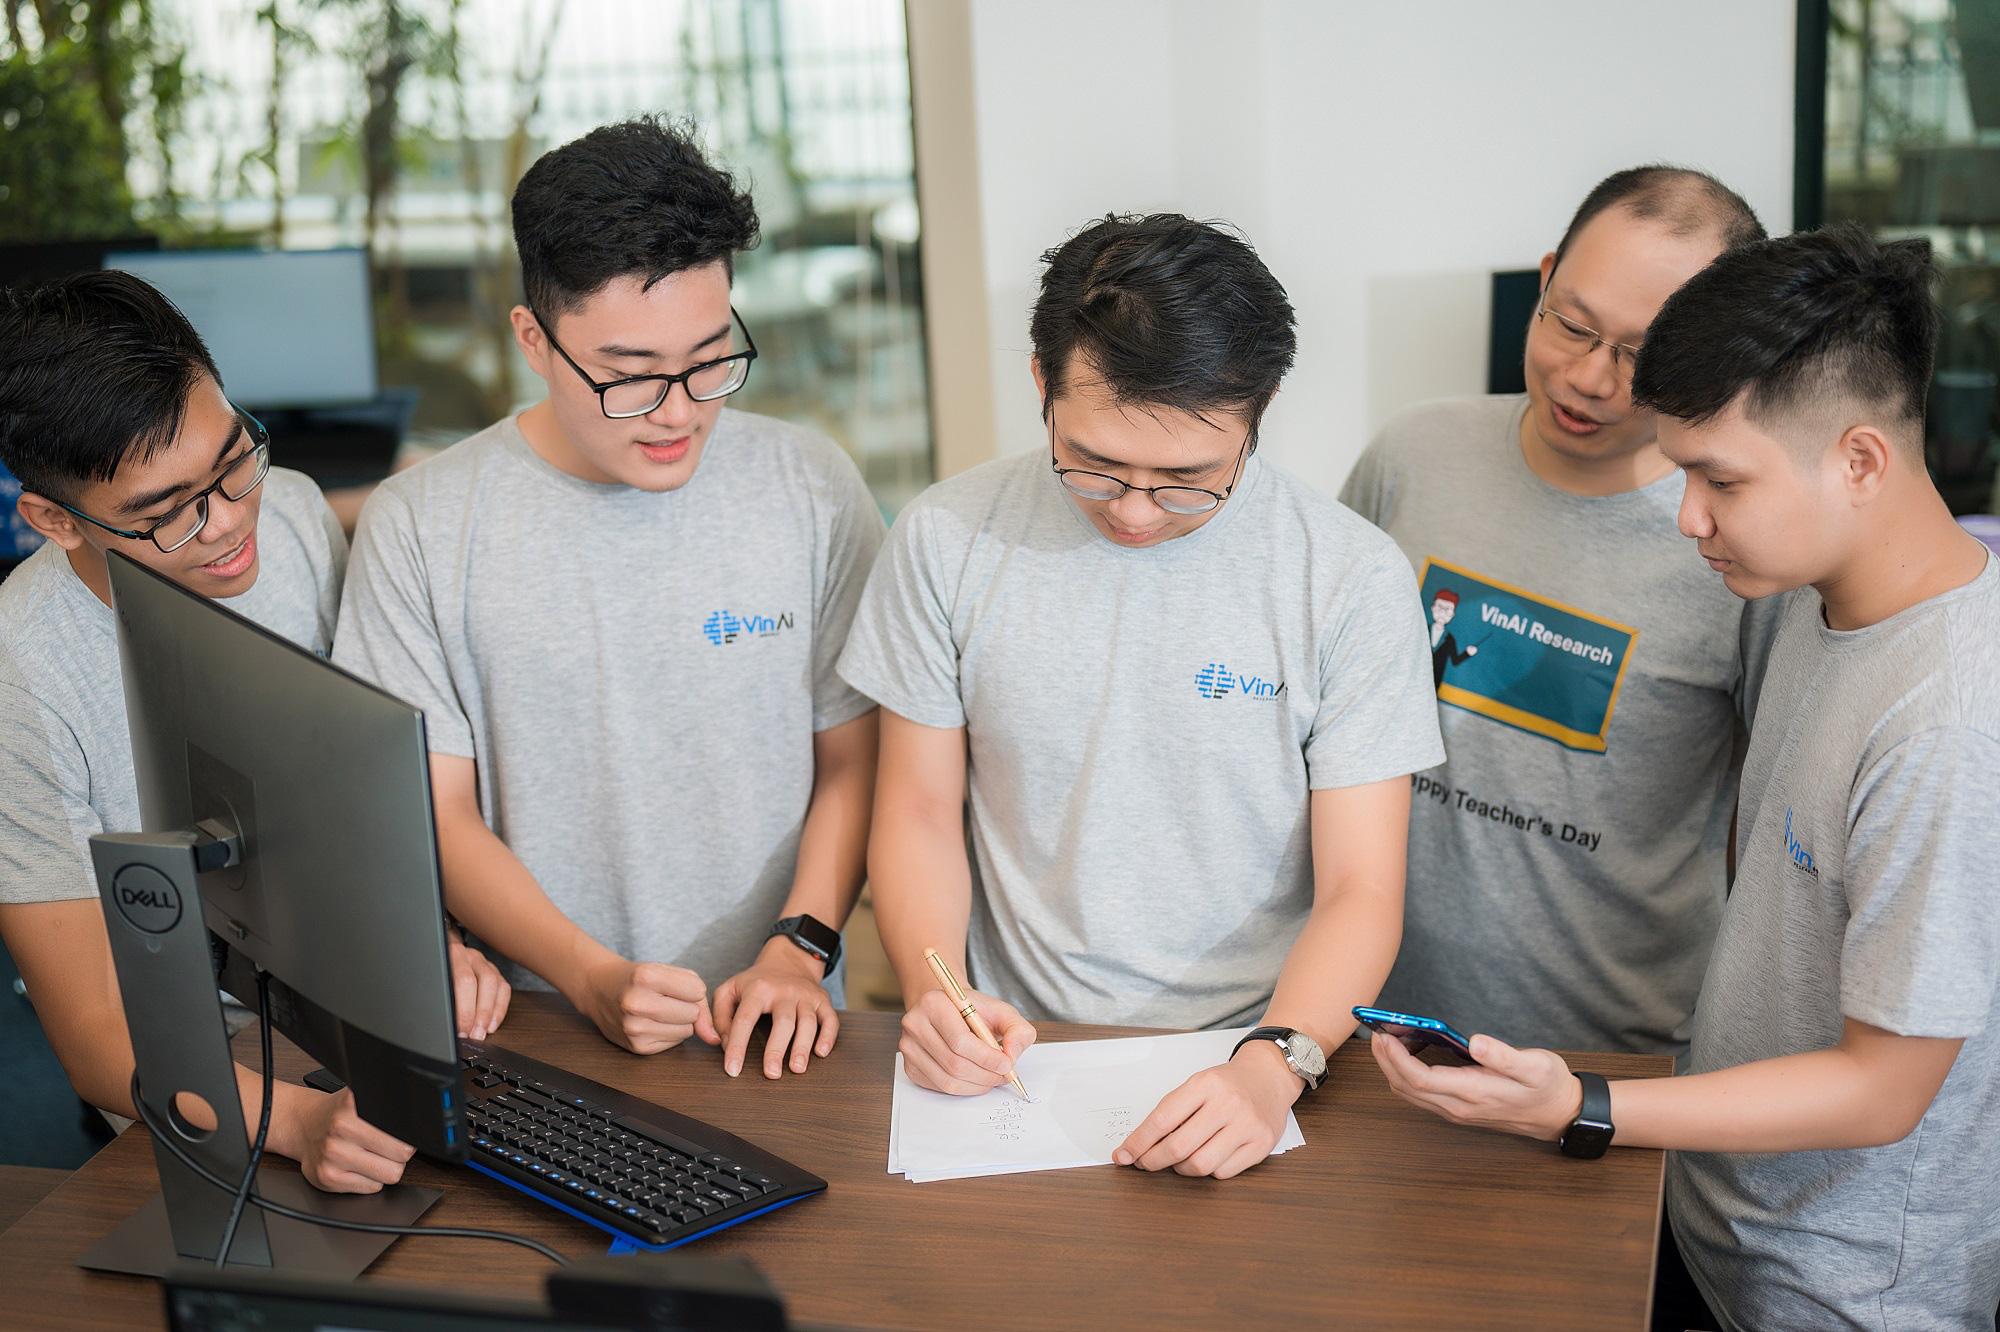 VinAI tiên phong nâng cấp đổi mới sáng tạo tại khu vực Đông Nam Á với siêu máy tính mạnh nhất Việt Nam - Ảnh 1.